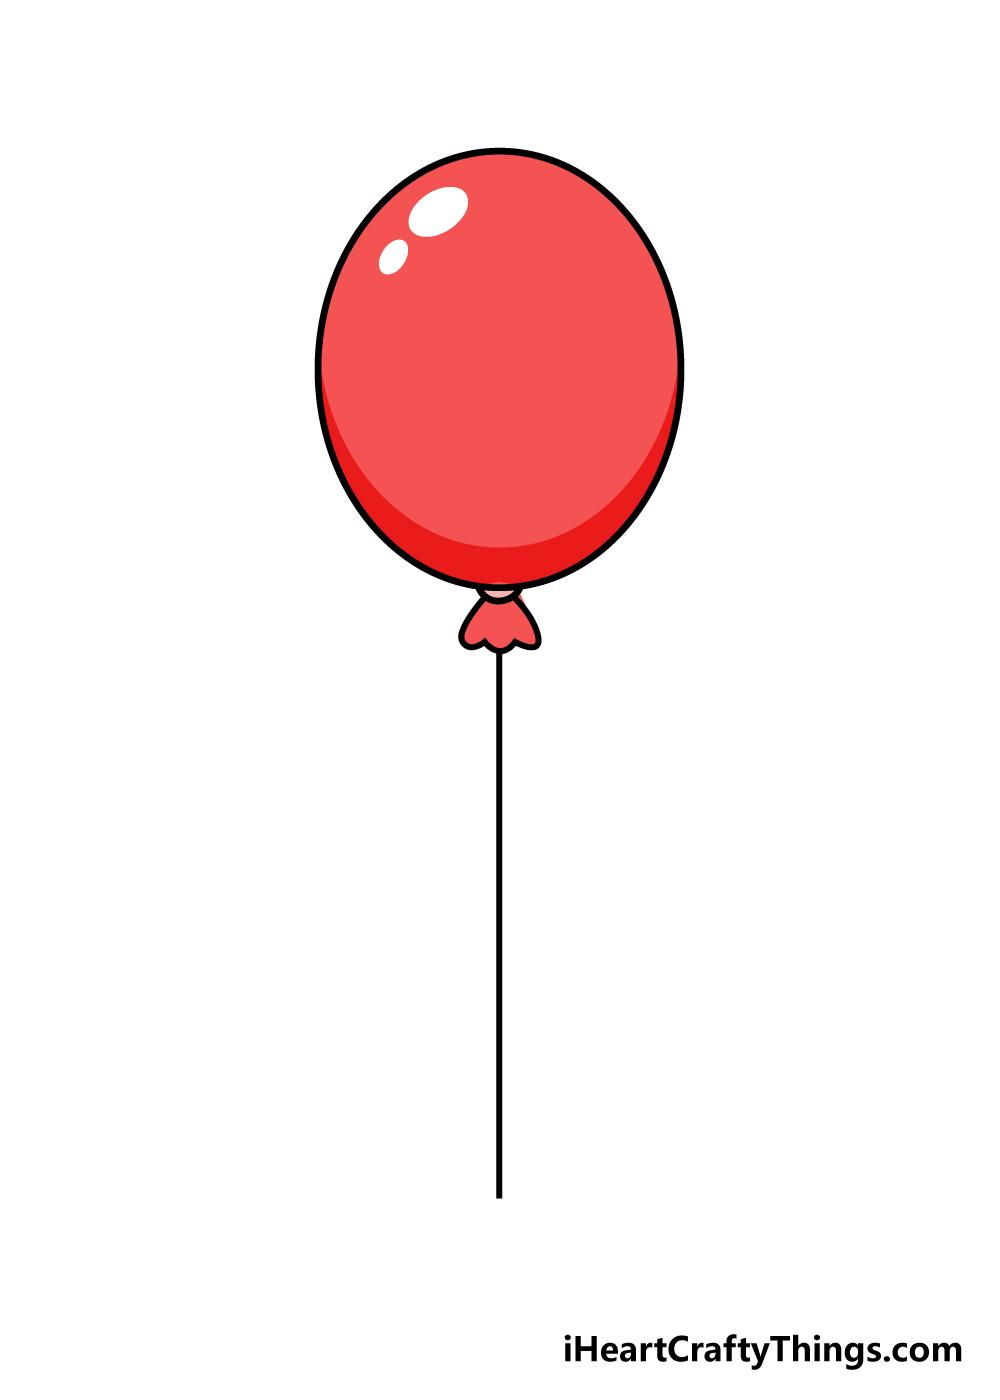 balloons drawing step 6